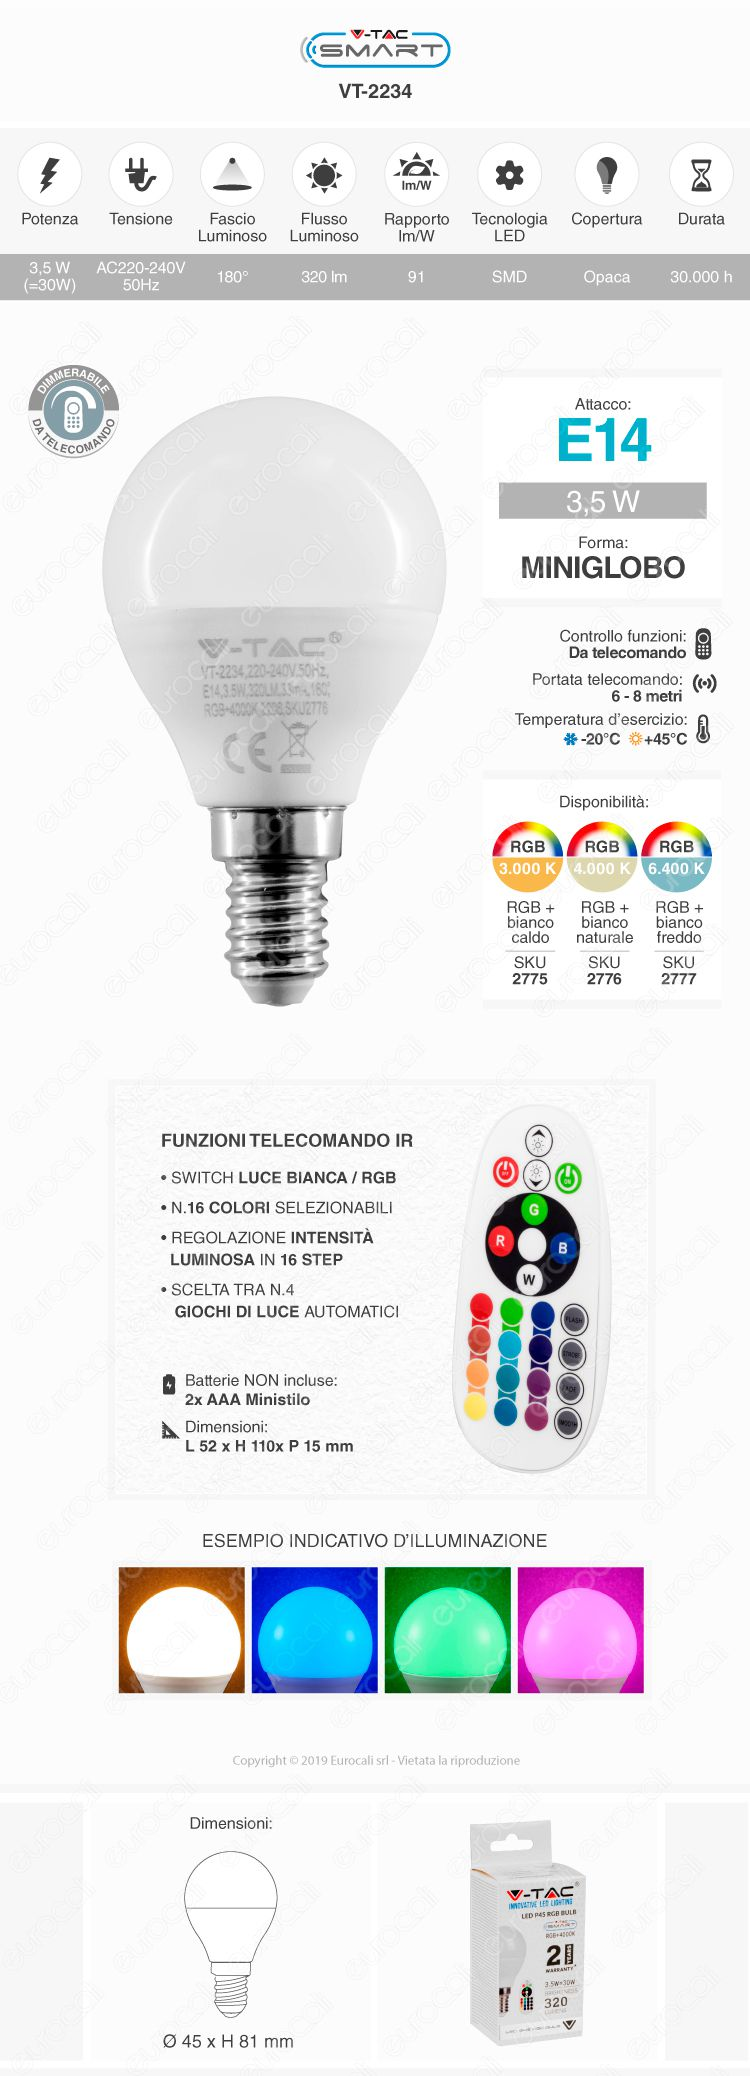 V-TAC VT-2234 Lampadina E14 RGB+W